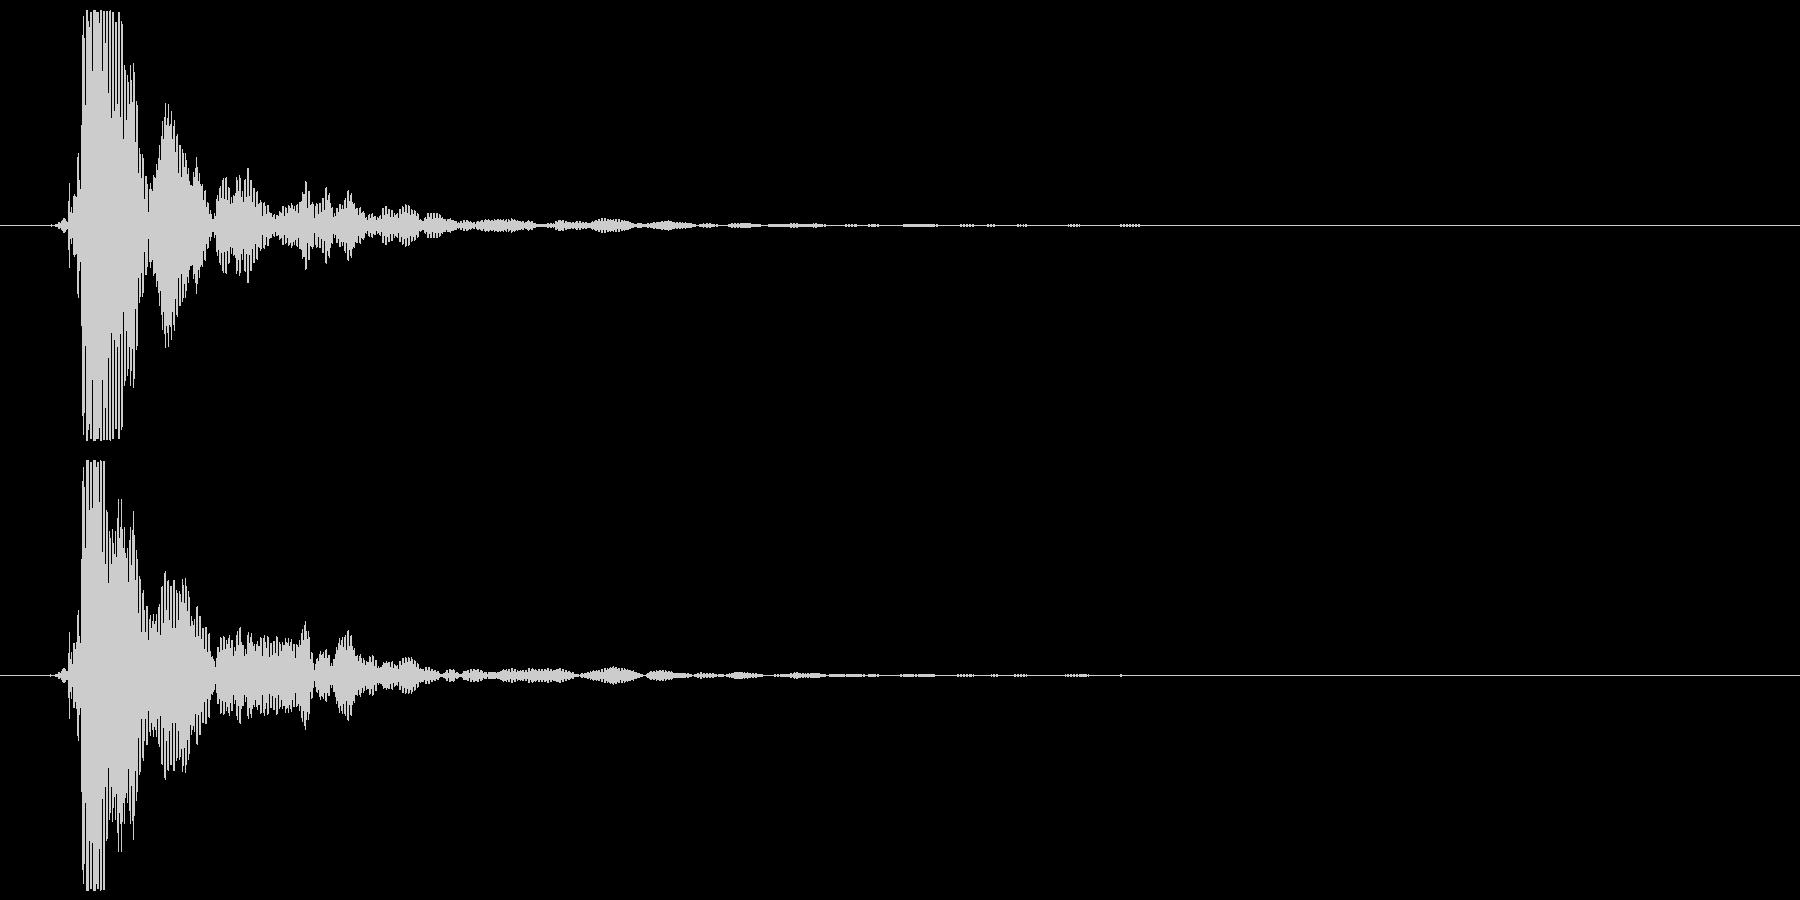 ポン (抜くような音) 低めの未再生の波形